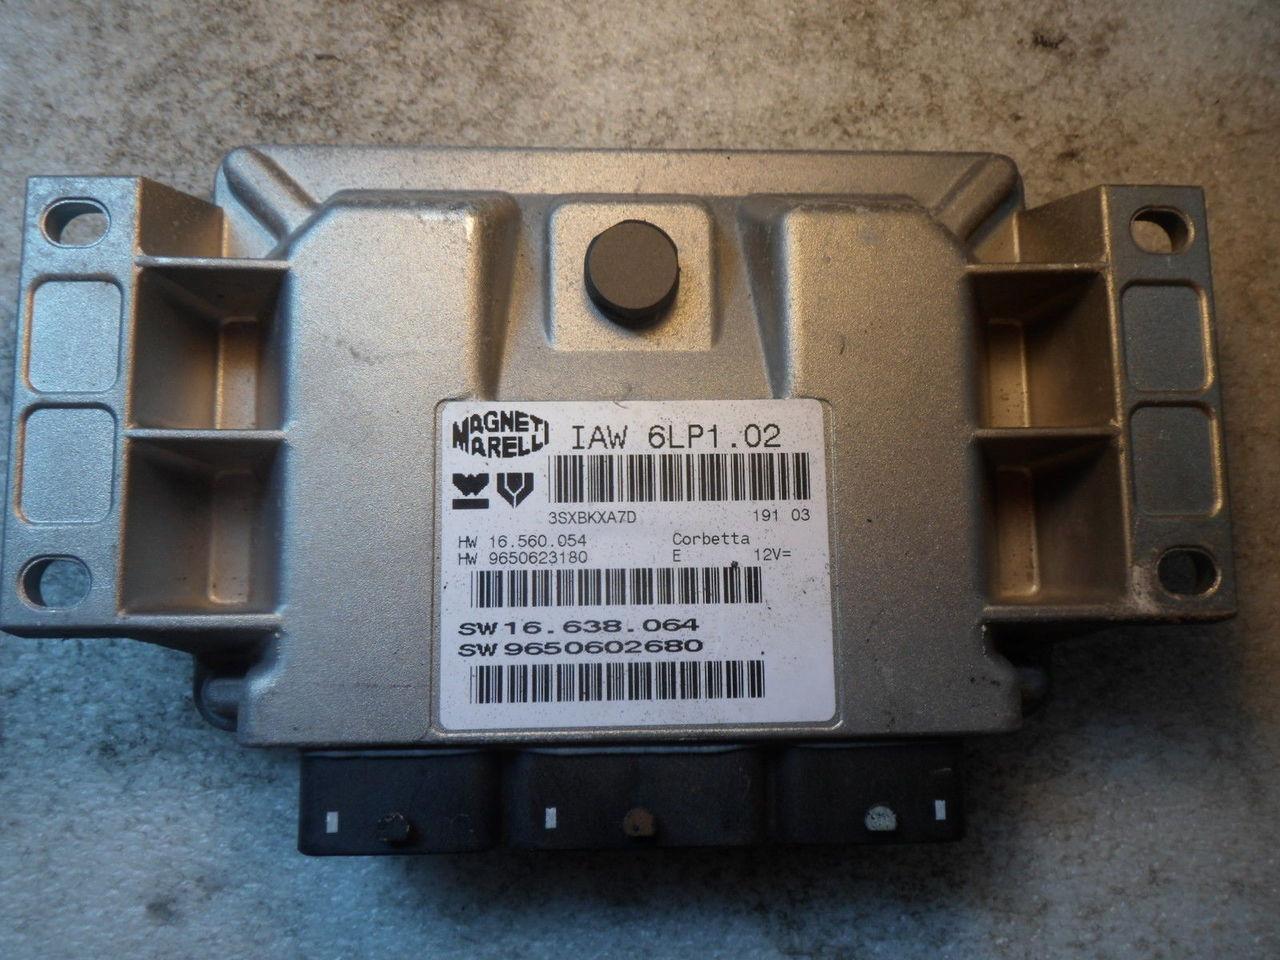 Peugeot 307, IAW 6LP1.02, HW 16.560.054, HW 9650623180, SW 16.638.064, SW 9650602680